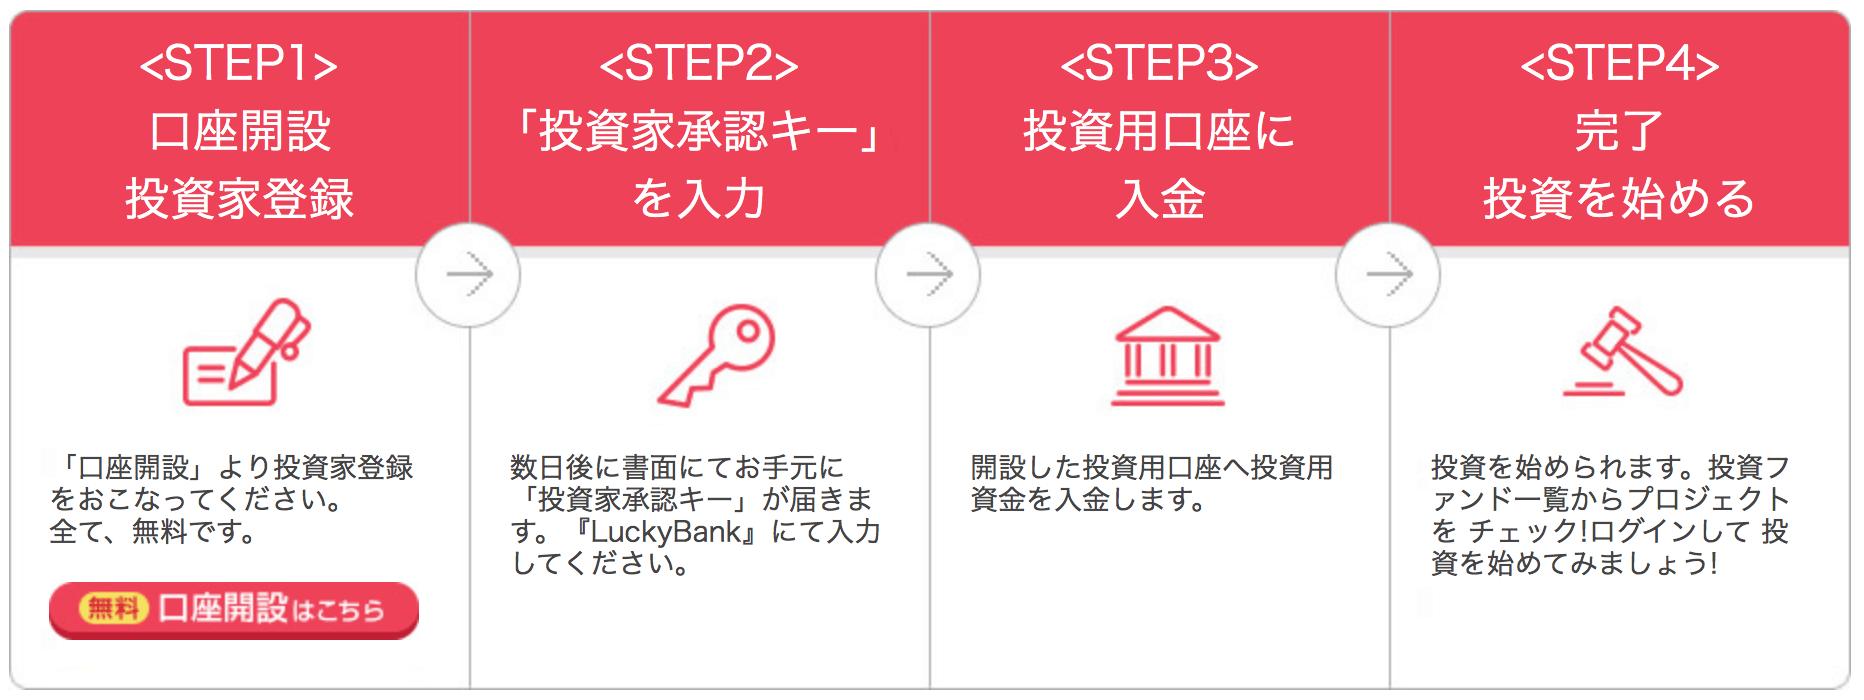 ラッキーバンクに於ける「口座開設〜投資〜解約」までの流れ